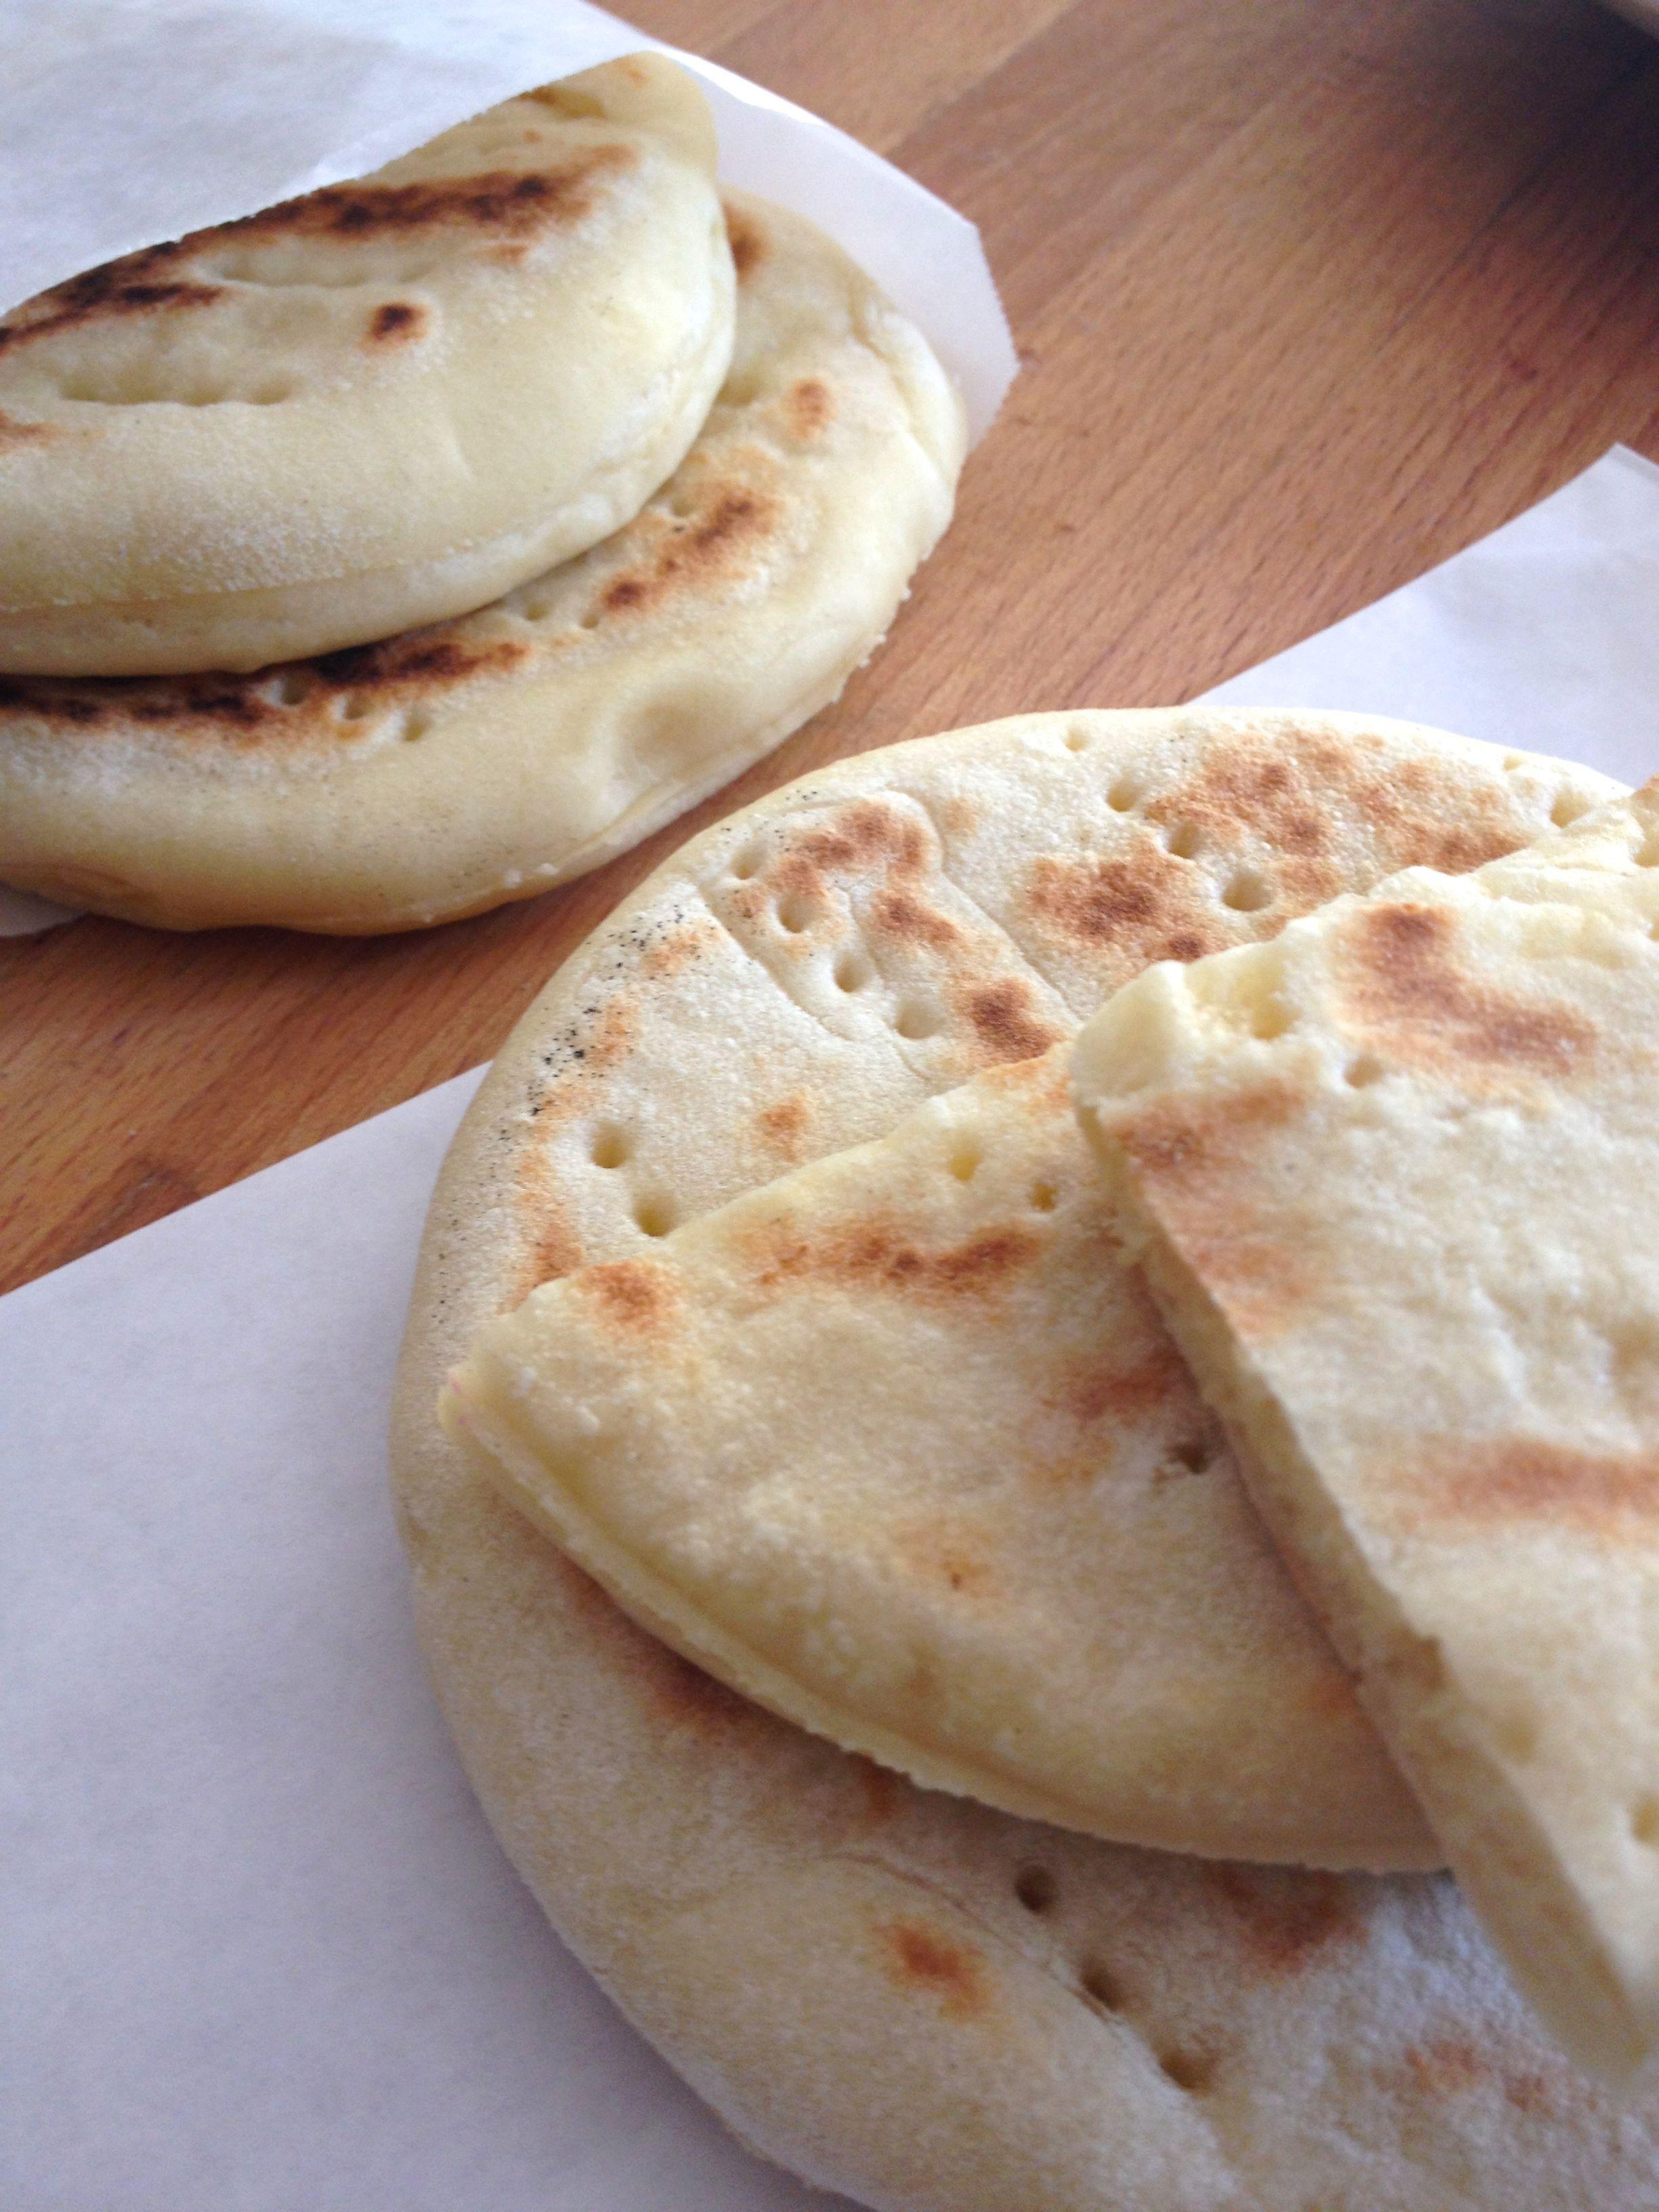 Les pains su dois cuisine thermomix - Cuisiner tous les jours avec thermomix ...